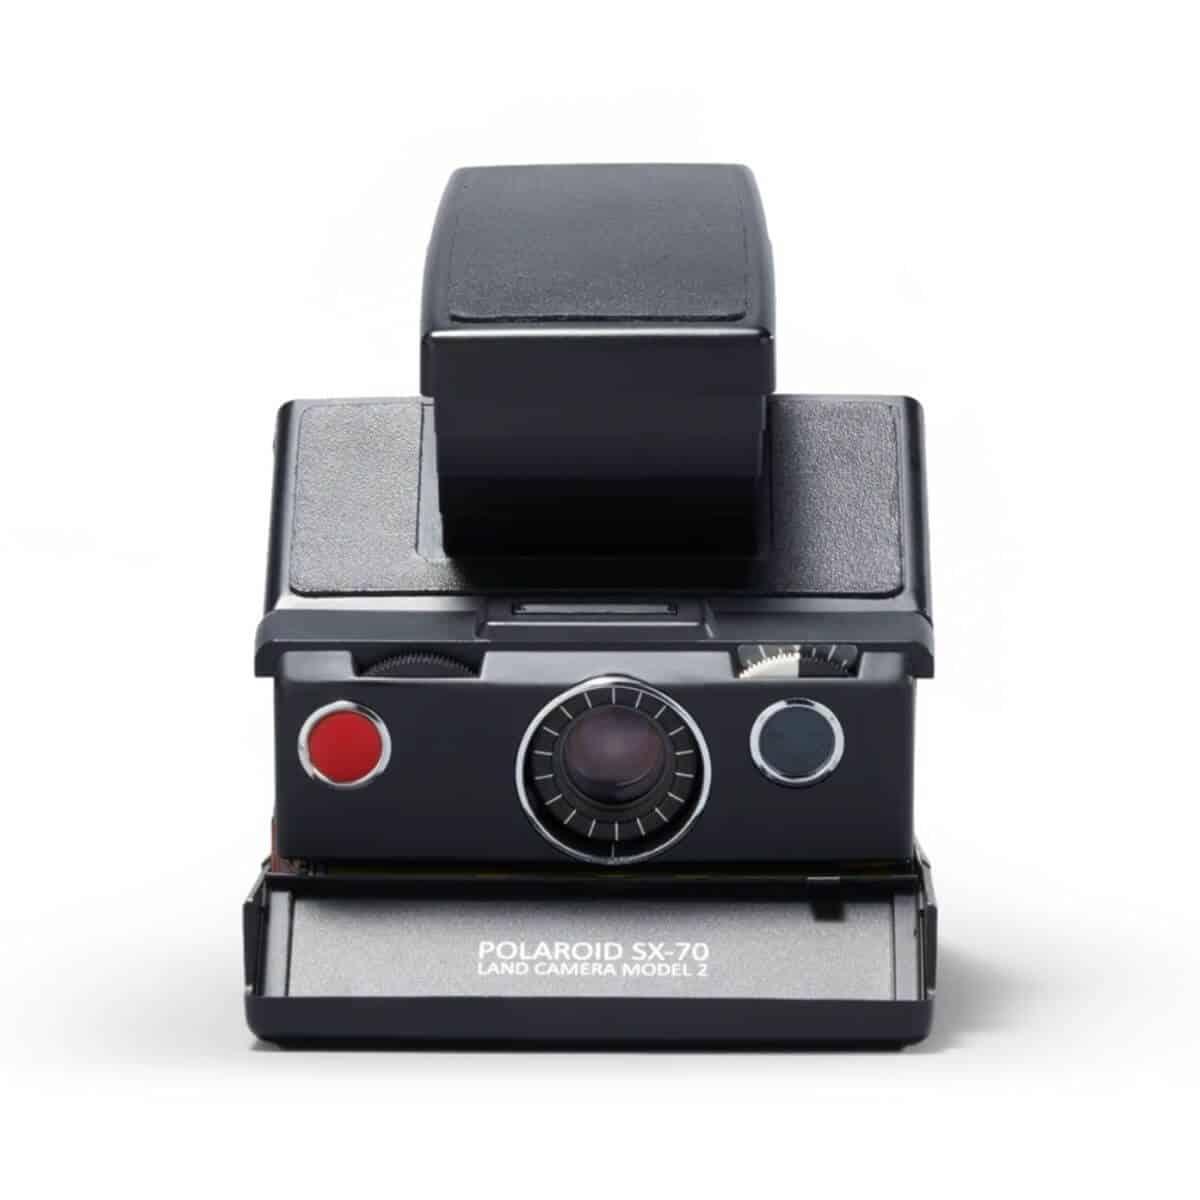 Polaroid SX-70 instant film camera.